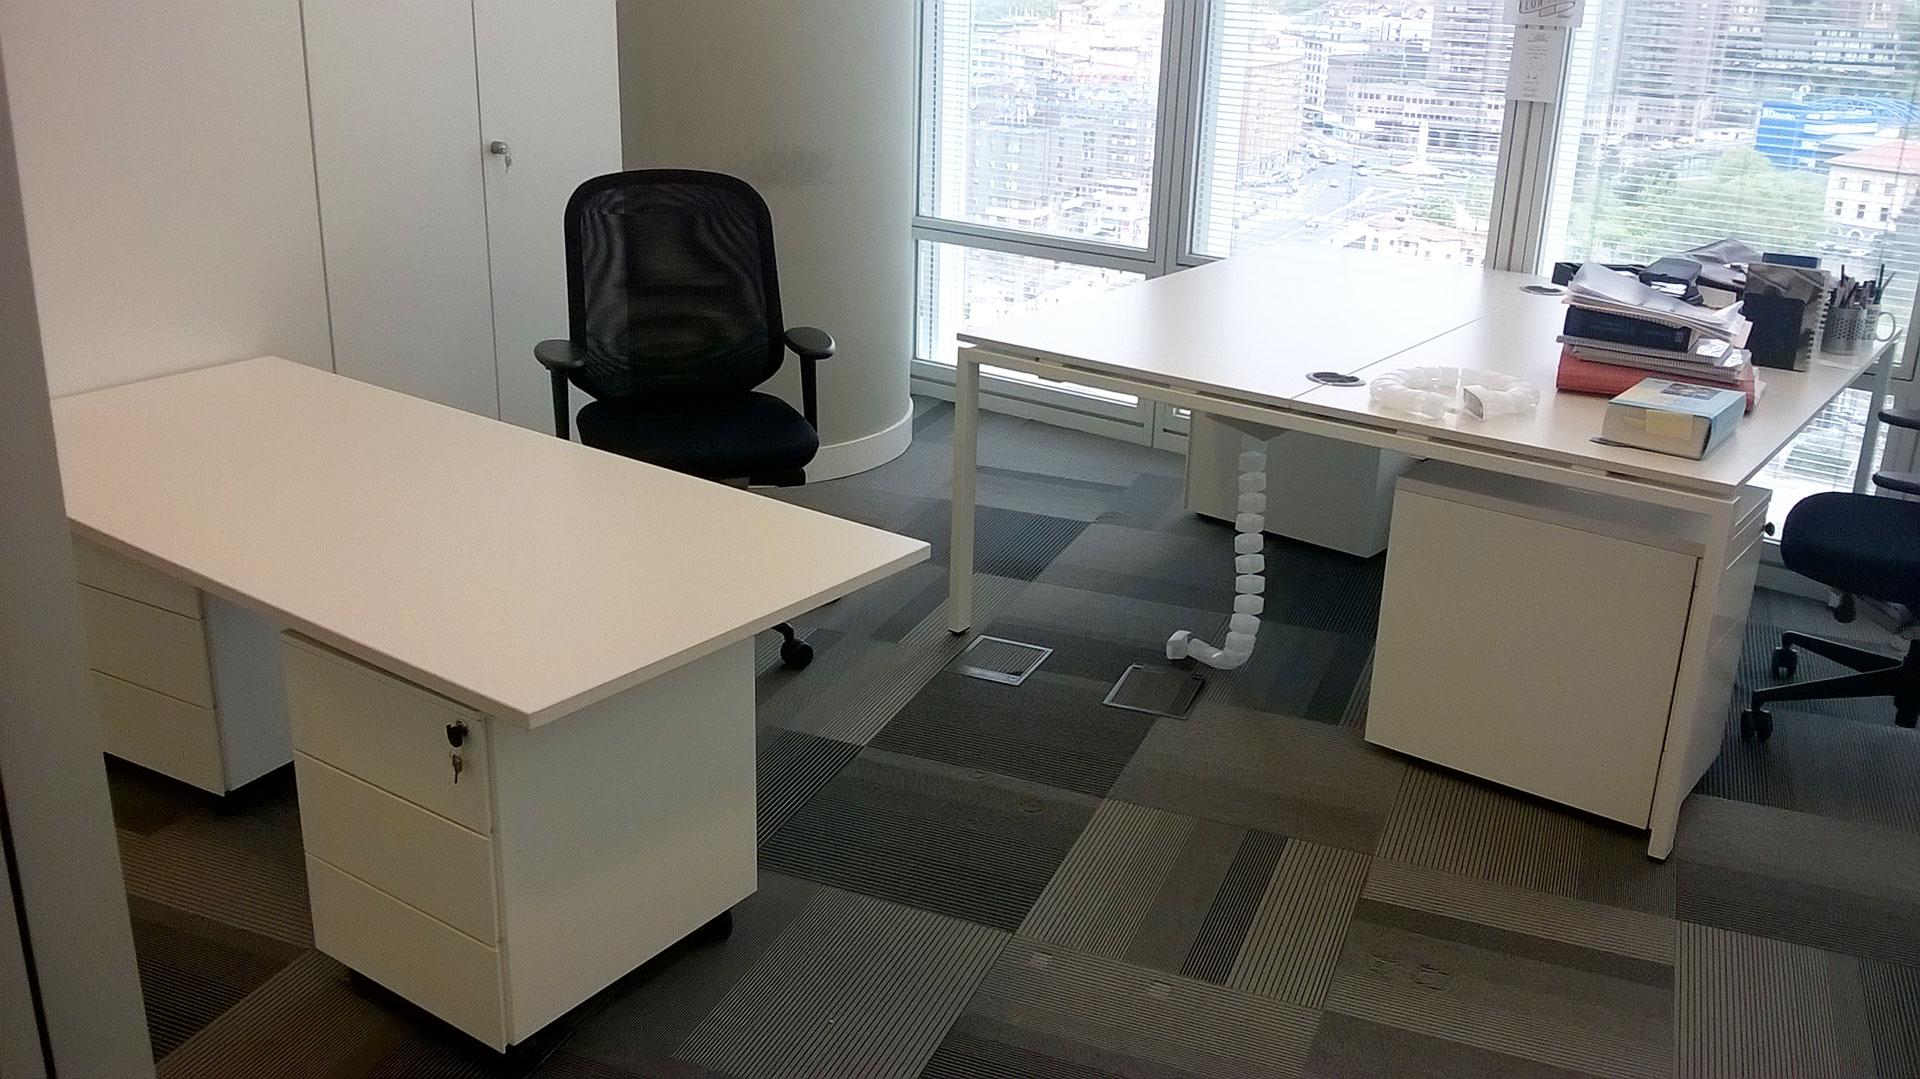 Iberdrola oficinas bilbao oficinas en torre iberdrola for Oficina iberdrola